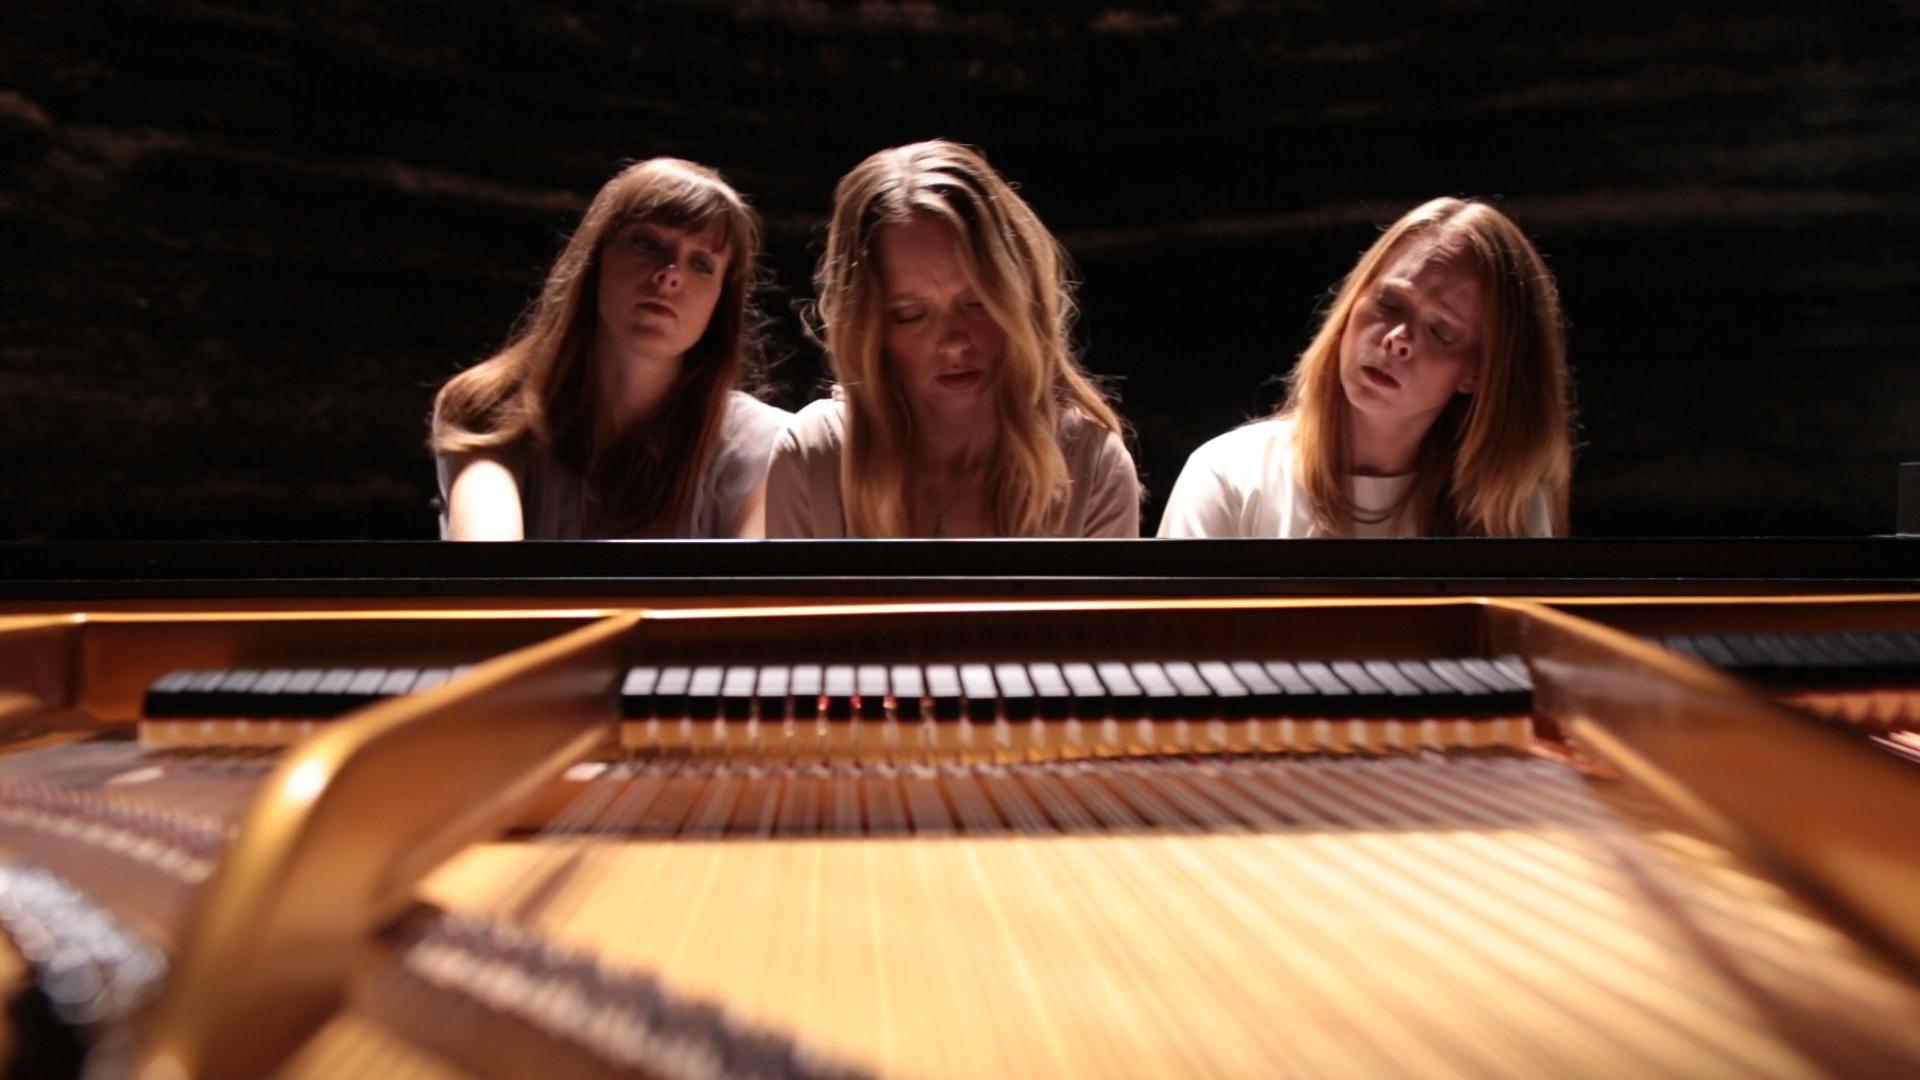 3 girls1